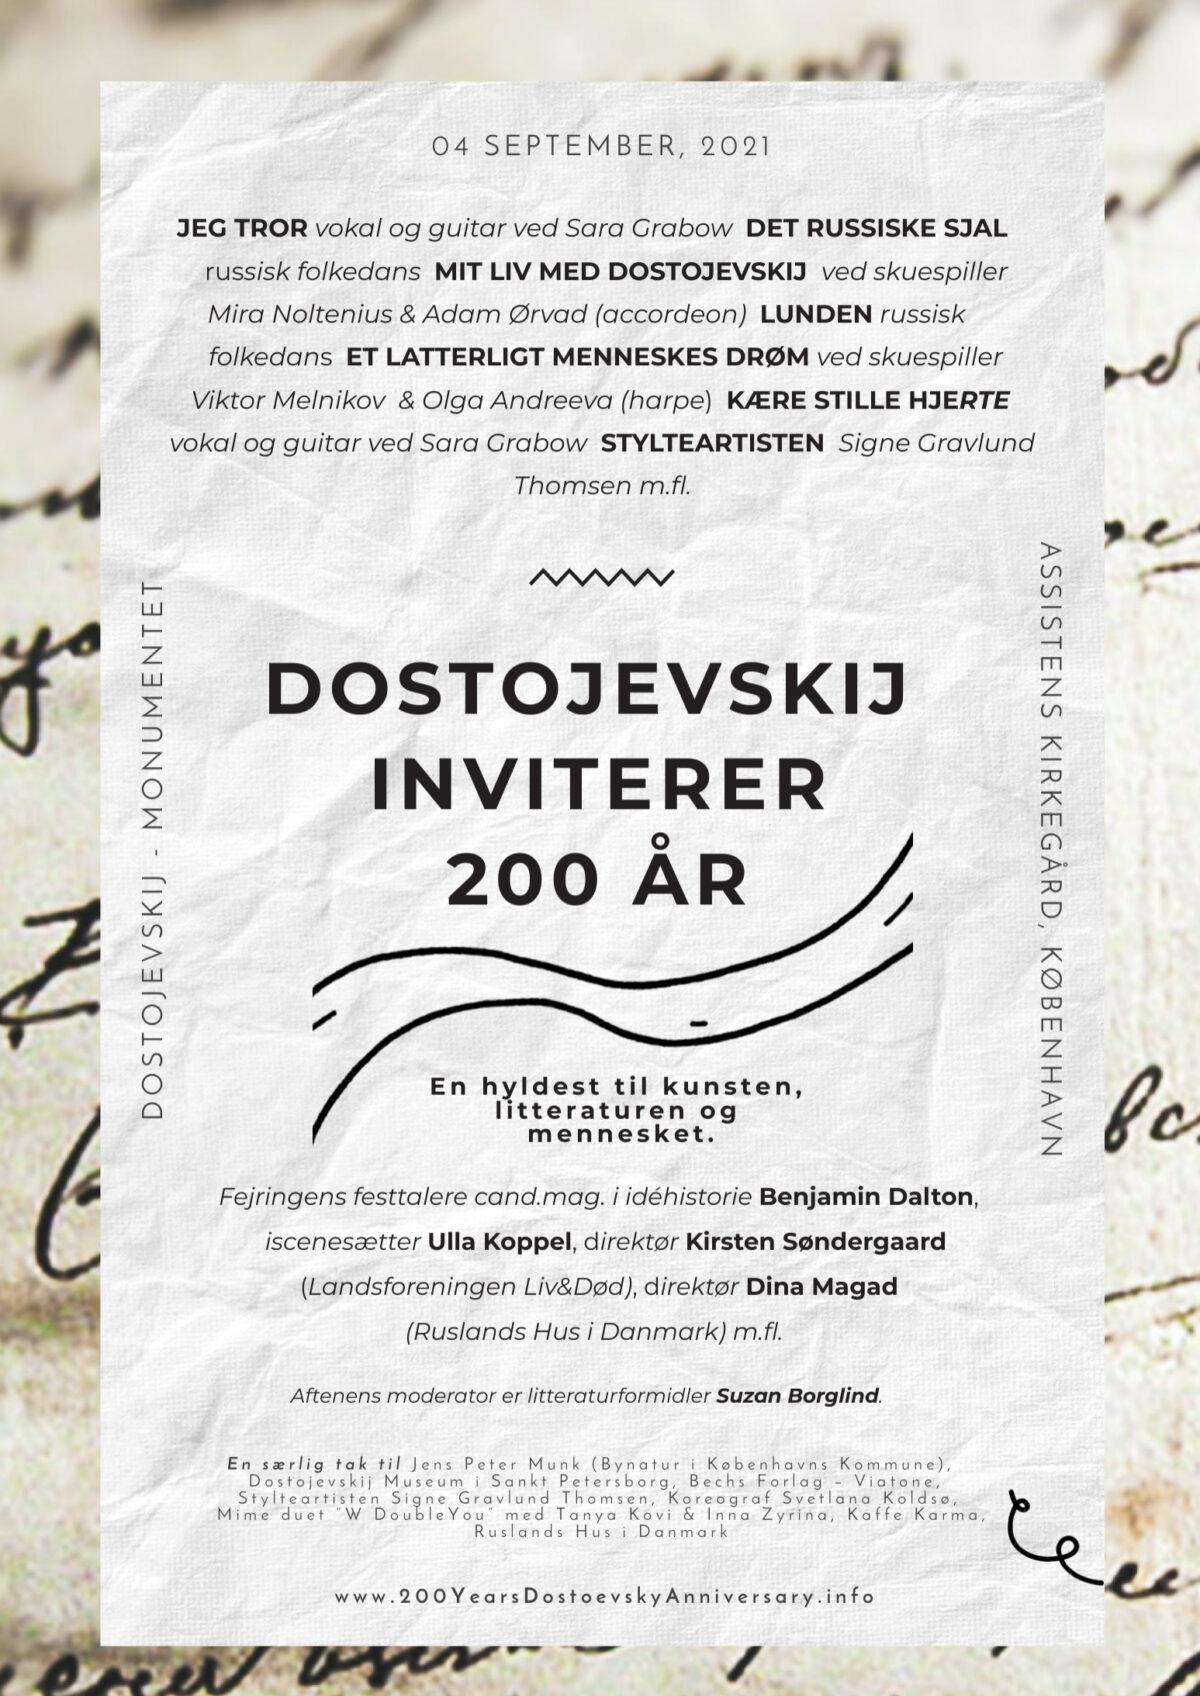 Dostojevskij Inviterer. I anledning af 200-året i 2021.